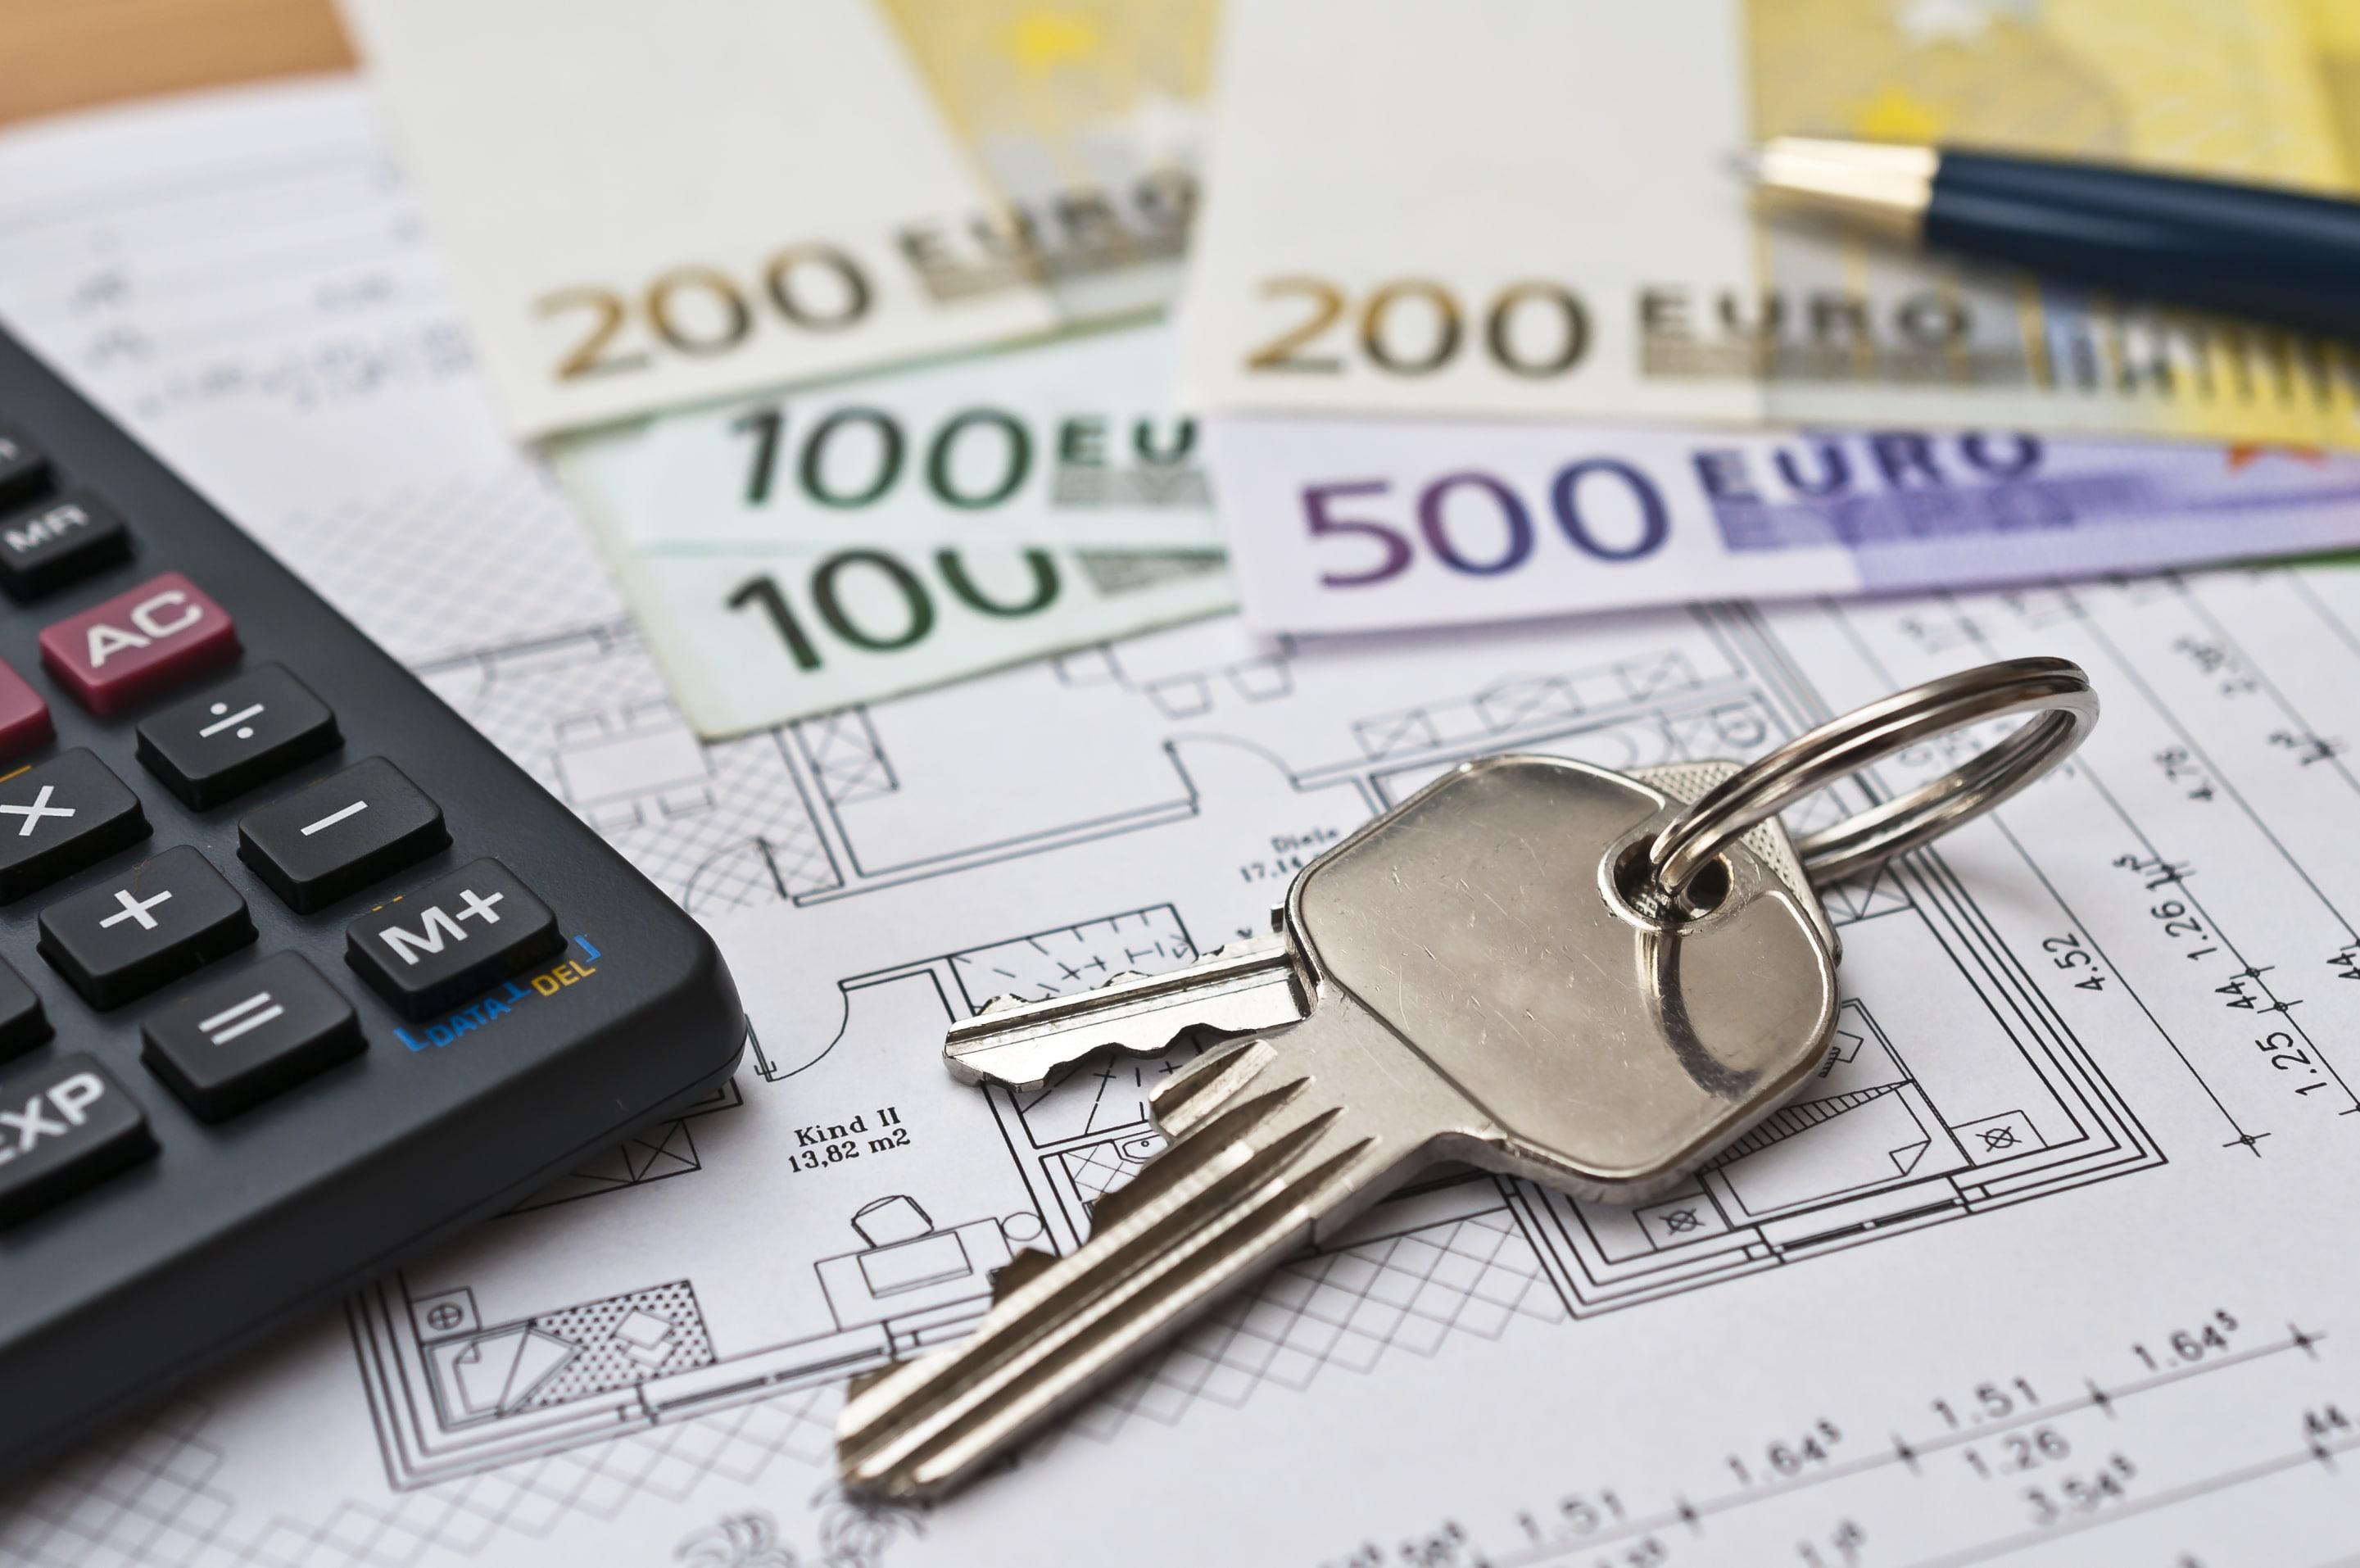 combien coute une estimation de maison par agence immobiliere ventana blog. Black Bedroom Furniture Sets. Home Design Ideas